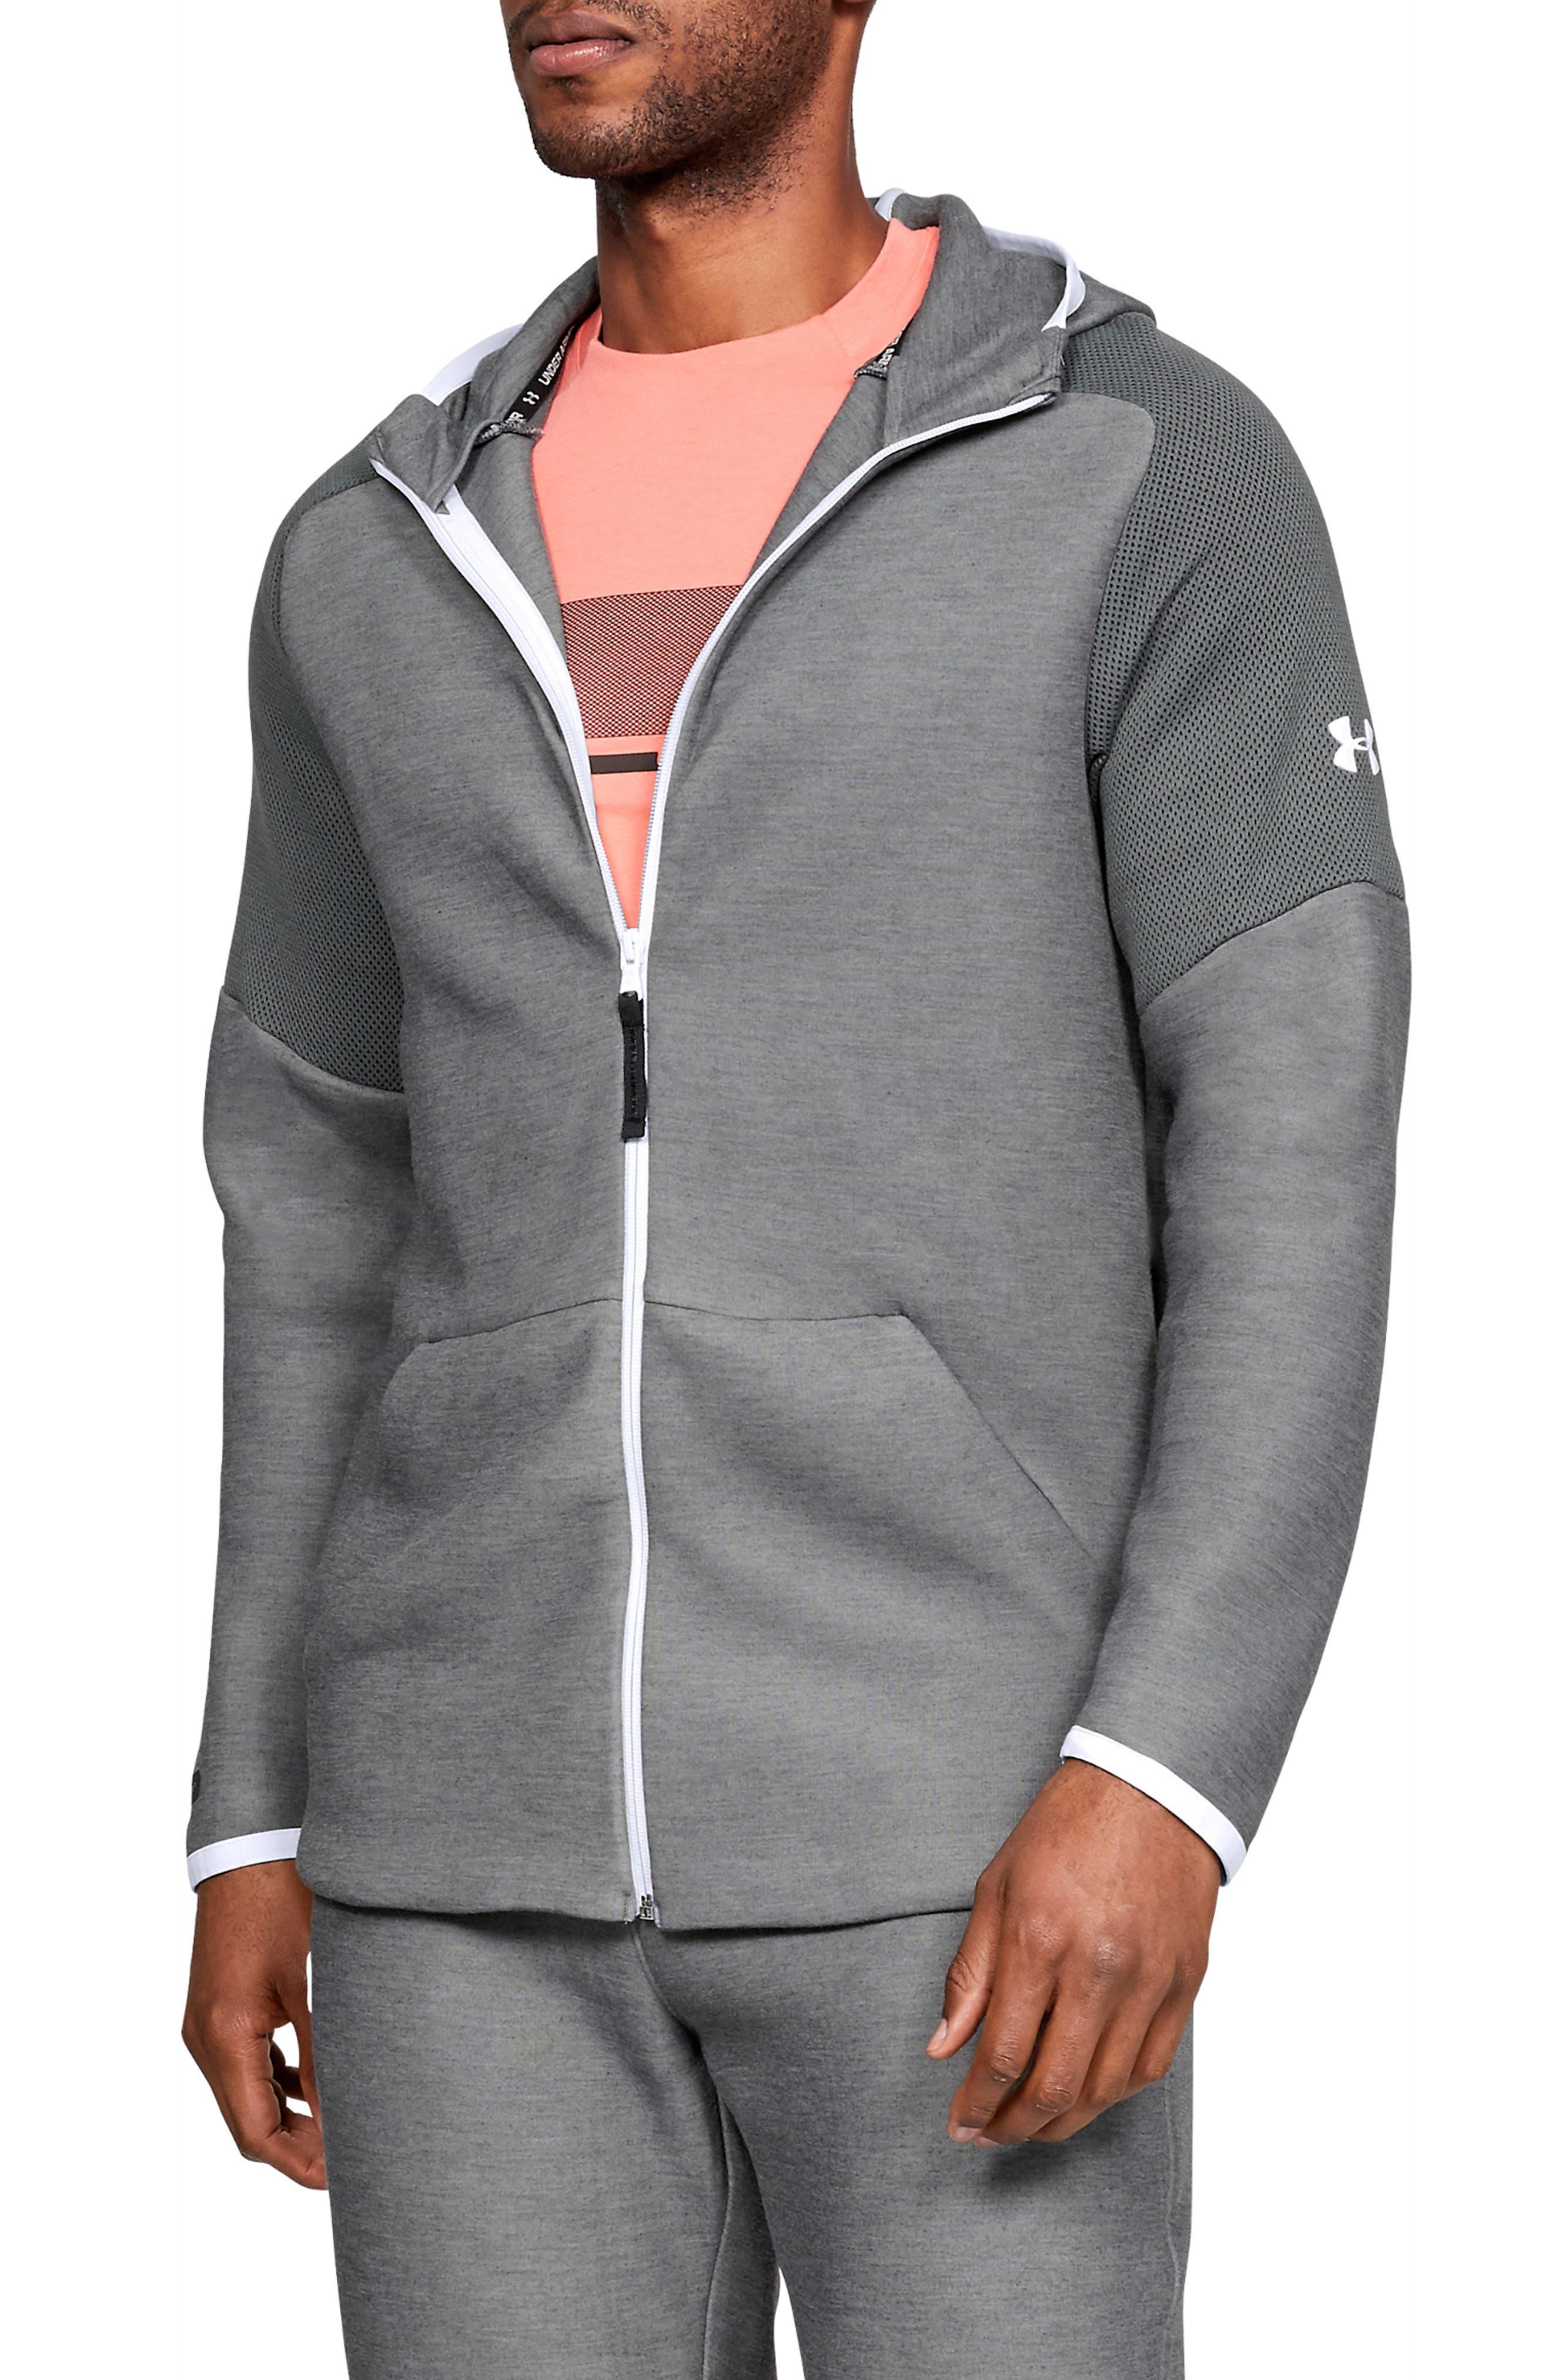 dcd4176a under armour shop for men - men's under armour catalogue - Cools.com